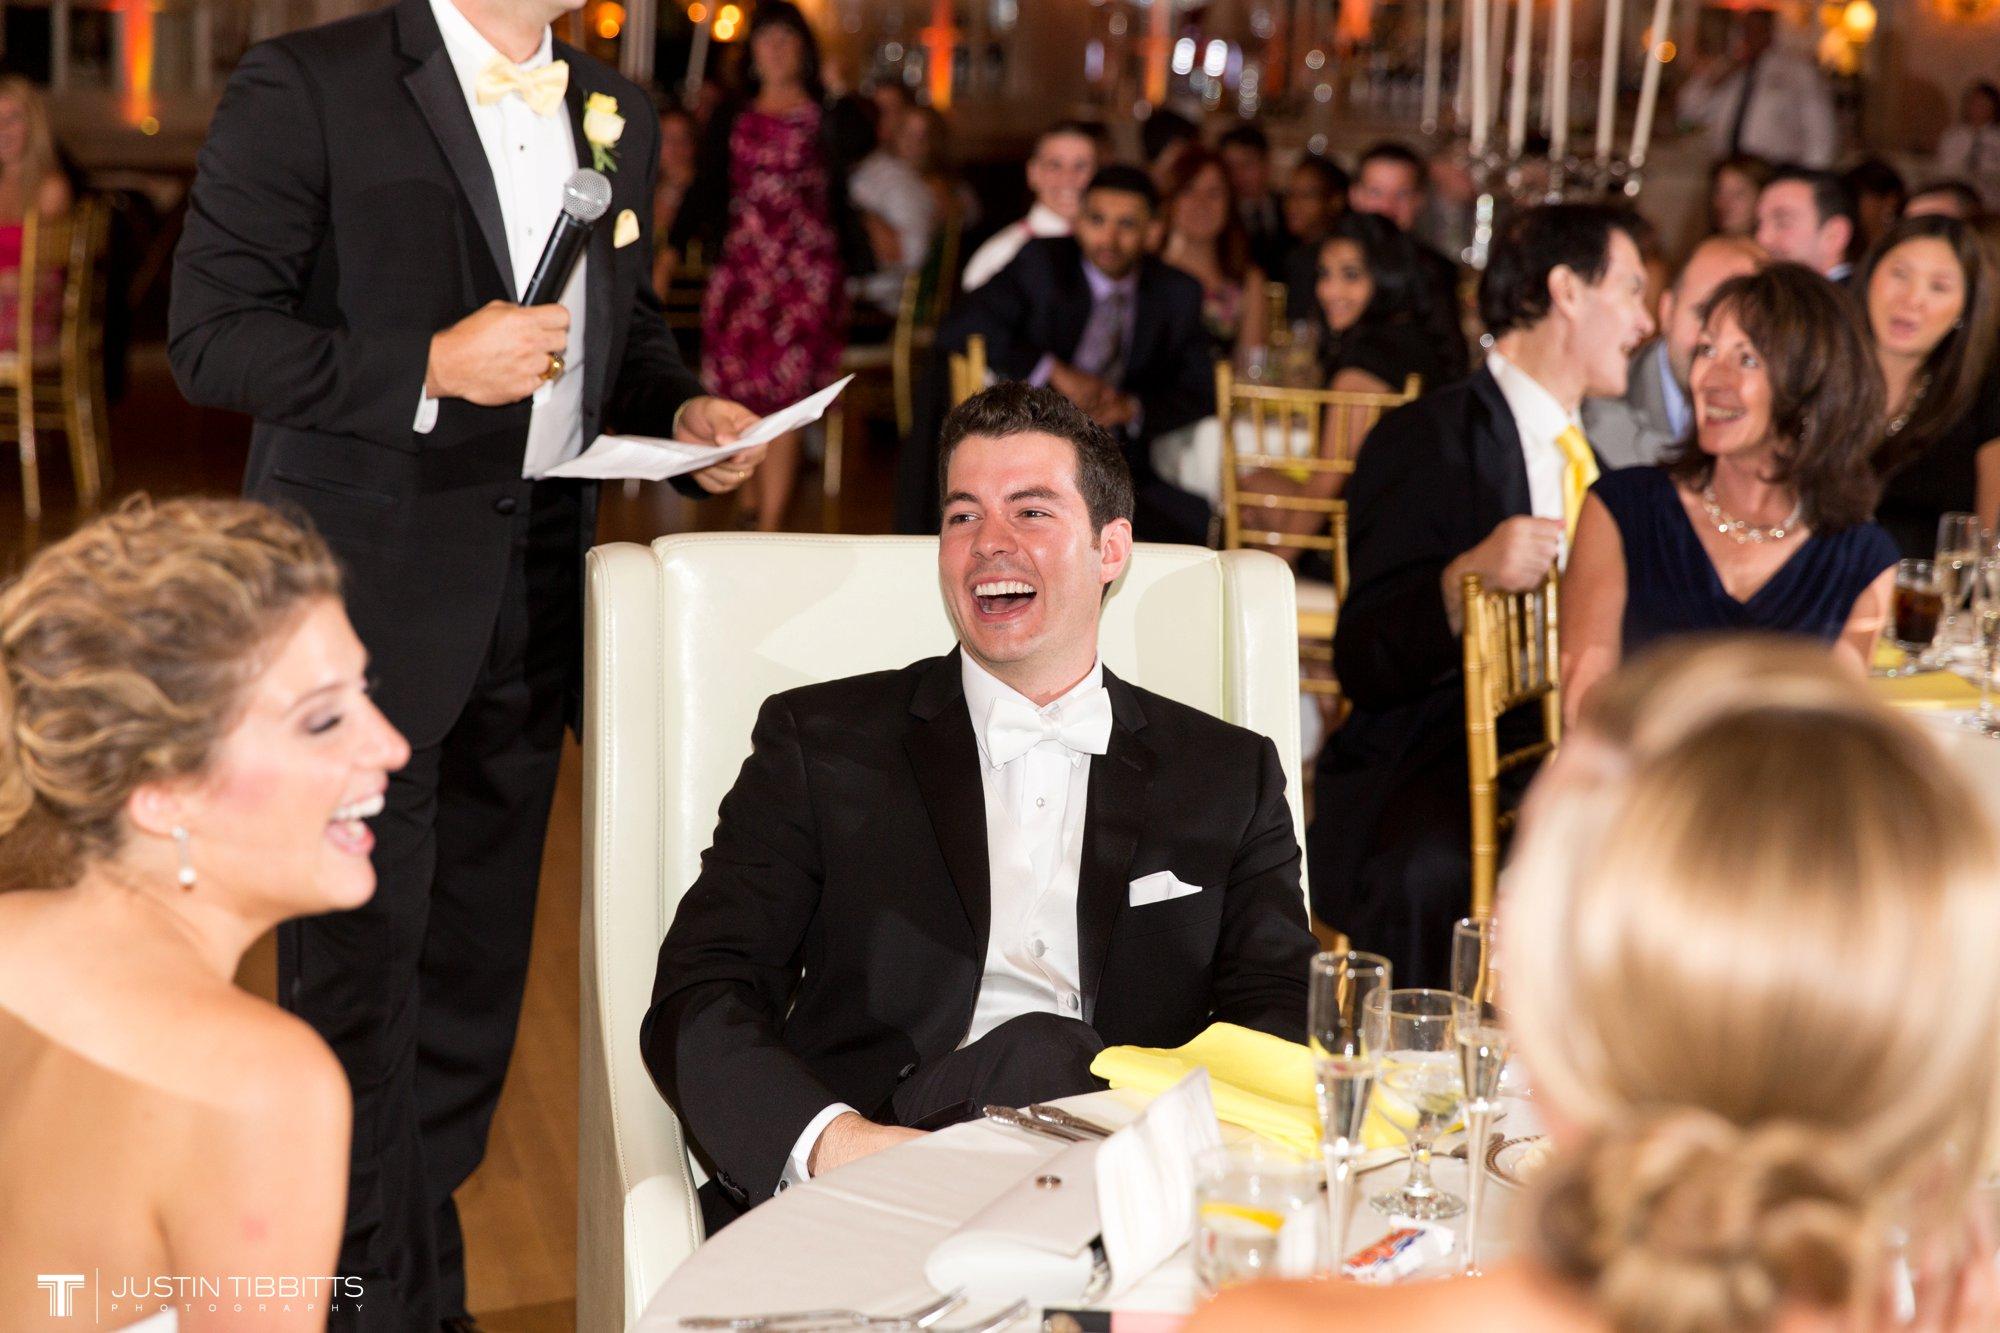 Albany NY Wedding Photographer Justin Tibbitts Photography 2014 Best of Albany NY Weddings-271Albany NY Wedding Photographer Justin Tibbitts Photography Albany NY Best of Weddings6